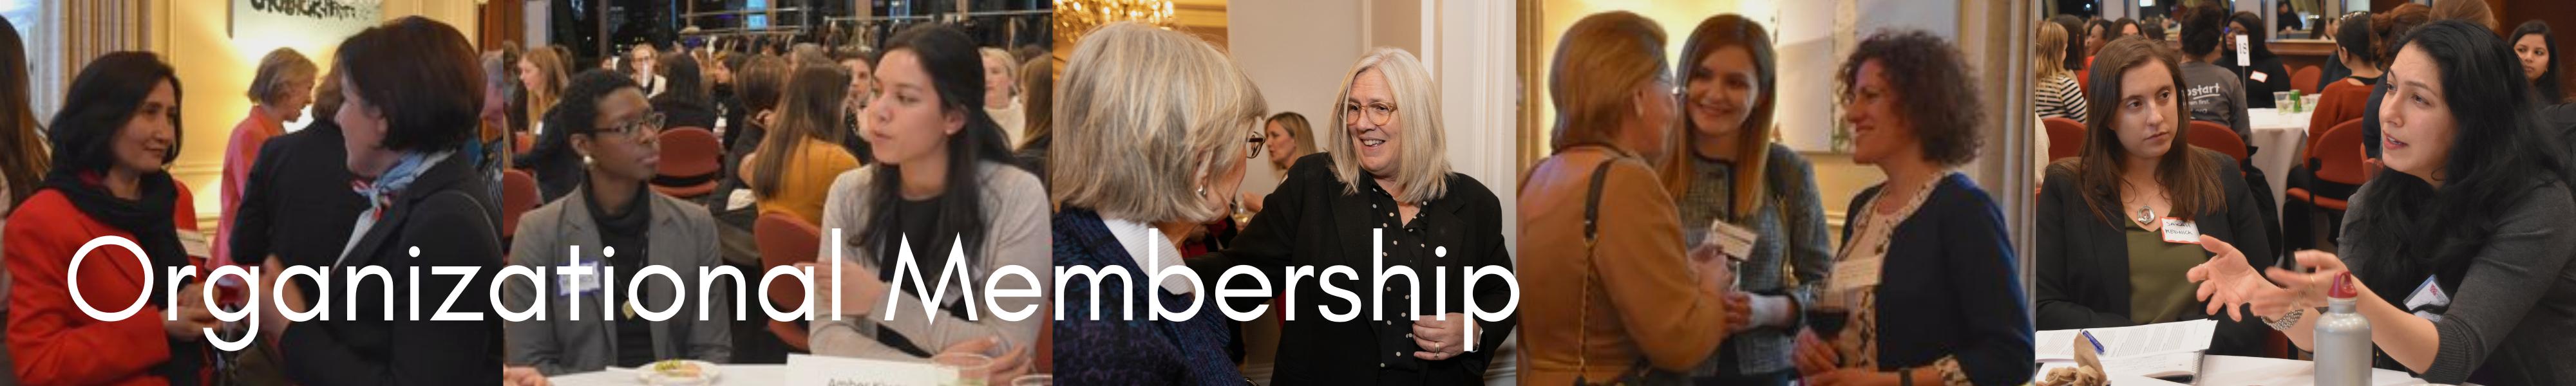 Organizational Membership